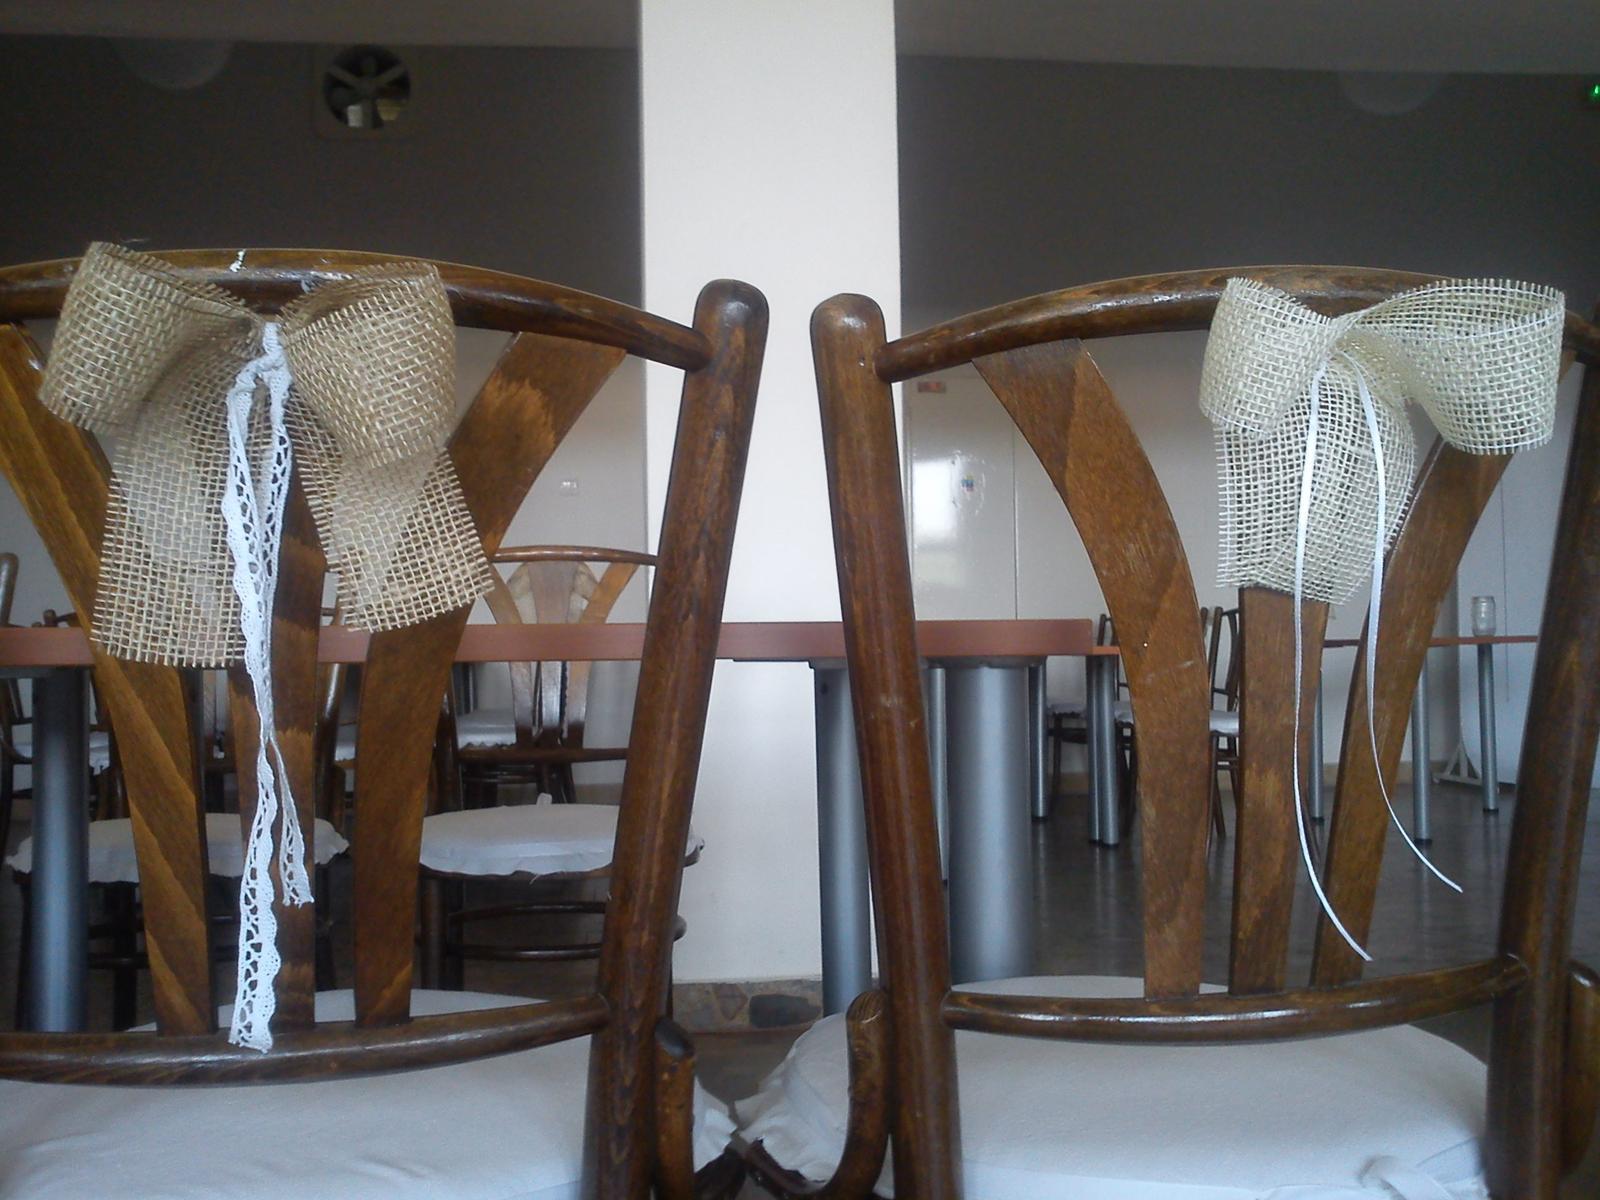 The First Day of Forever ♥ - tak, dnes oficiálne začiatok vyzdobovania :) spravili sme všetky stoličky - plachty na hnusné poťahy sme prilepili pištoľou a previazali, a spravili mašličky :) s čipkou za hlavné stoly, bledé so stužkou na bočné stoly pre kamarátov :)